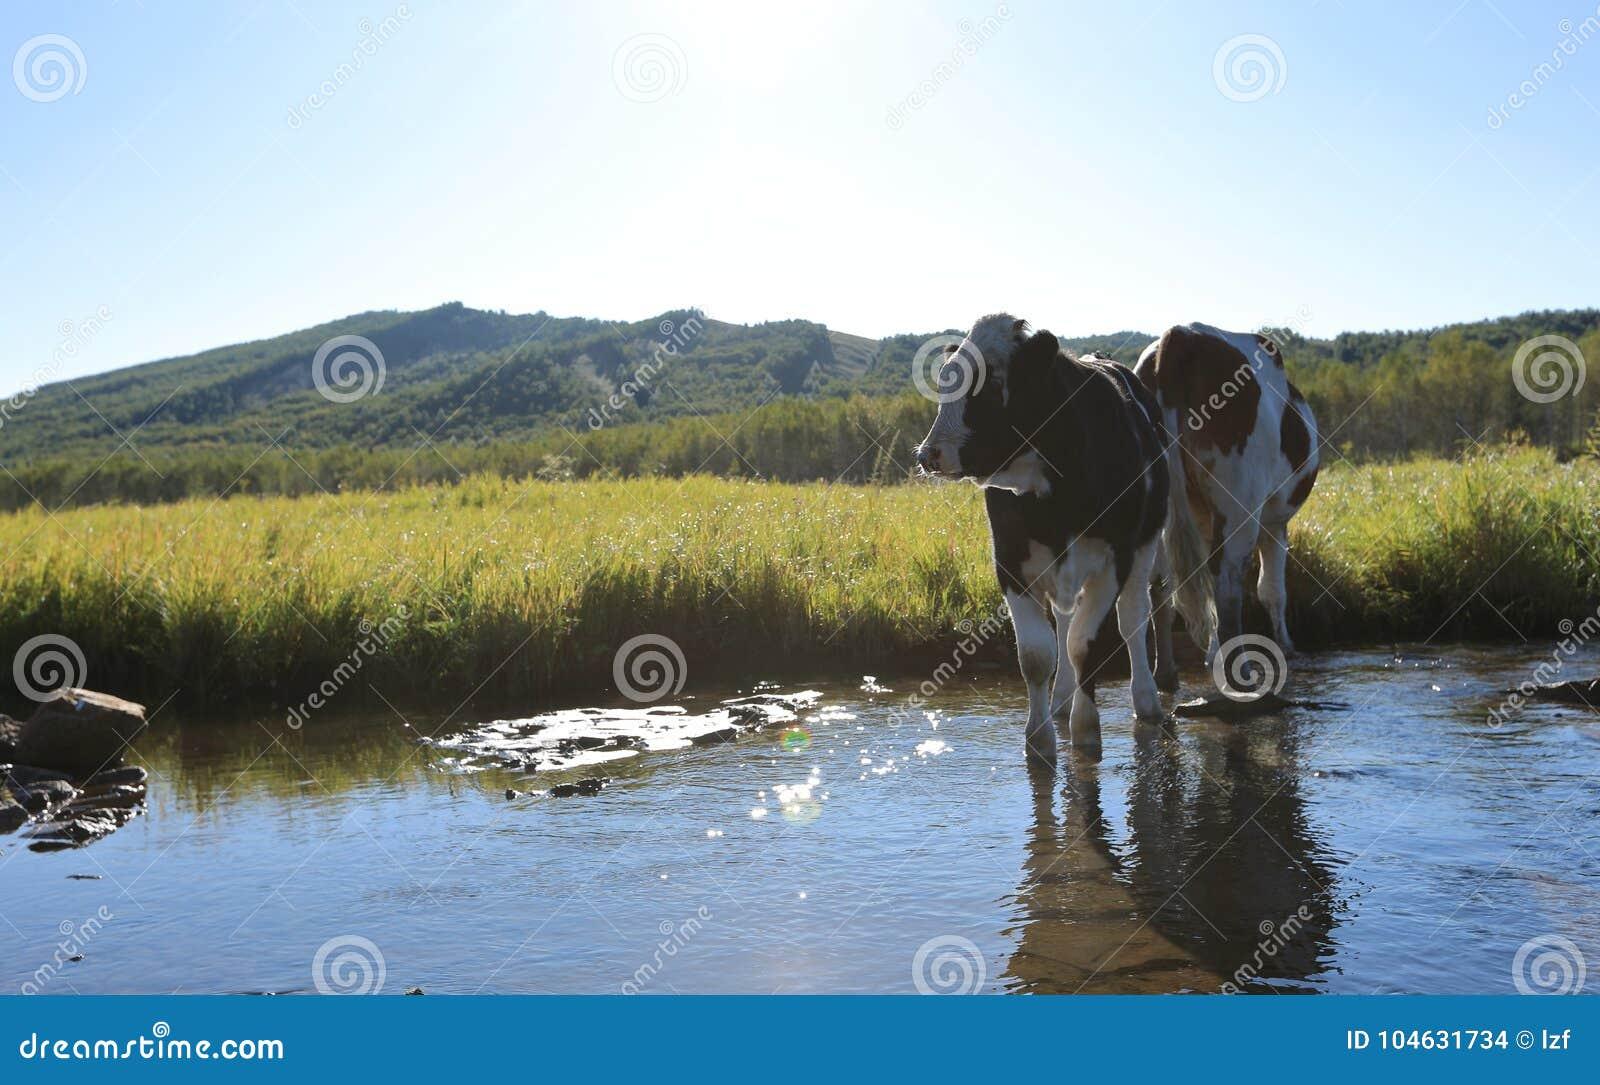 Download Koeien Die Door De Rivier Lopen Stock Foto - Afbeelding bestaande uit groen, eating: 104631734